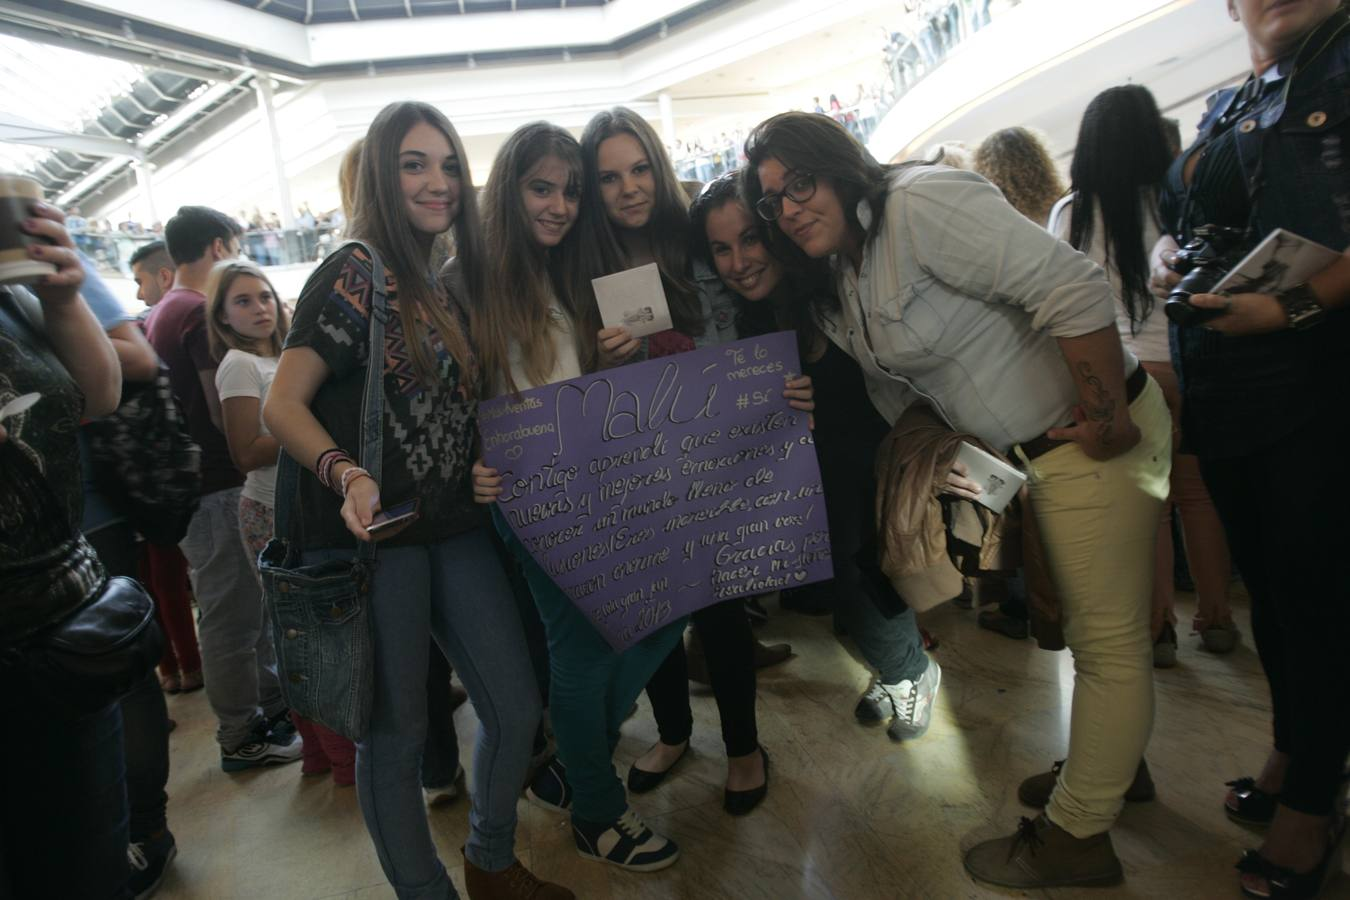 Los fans de Malú en Málaga llenan el Centro Comercial Rosaleda